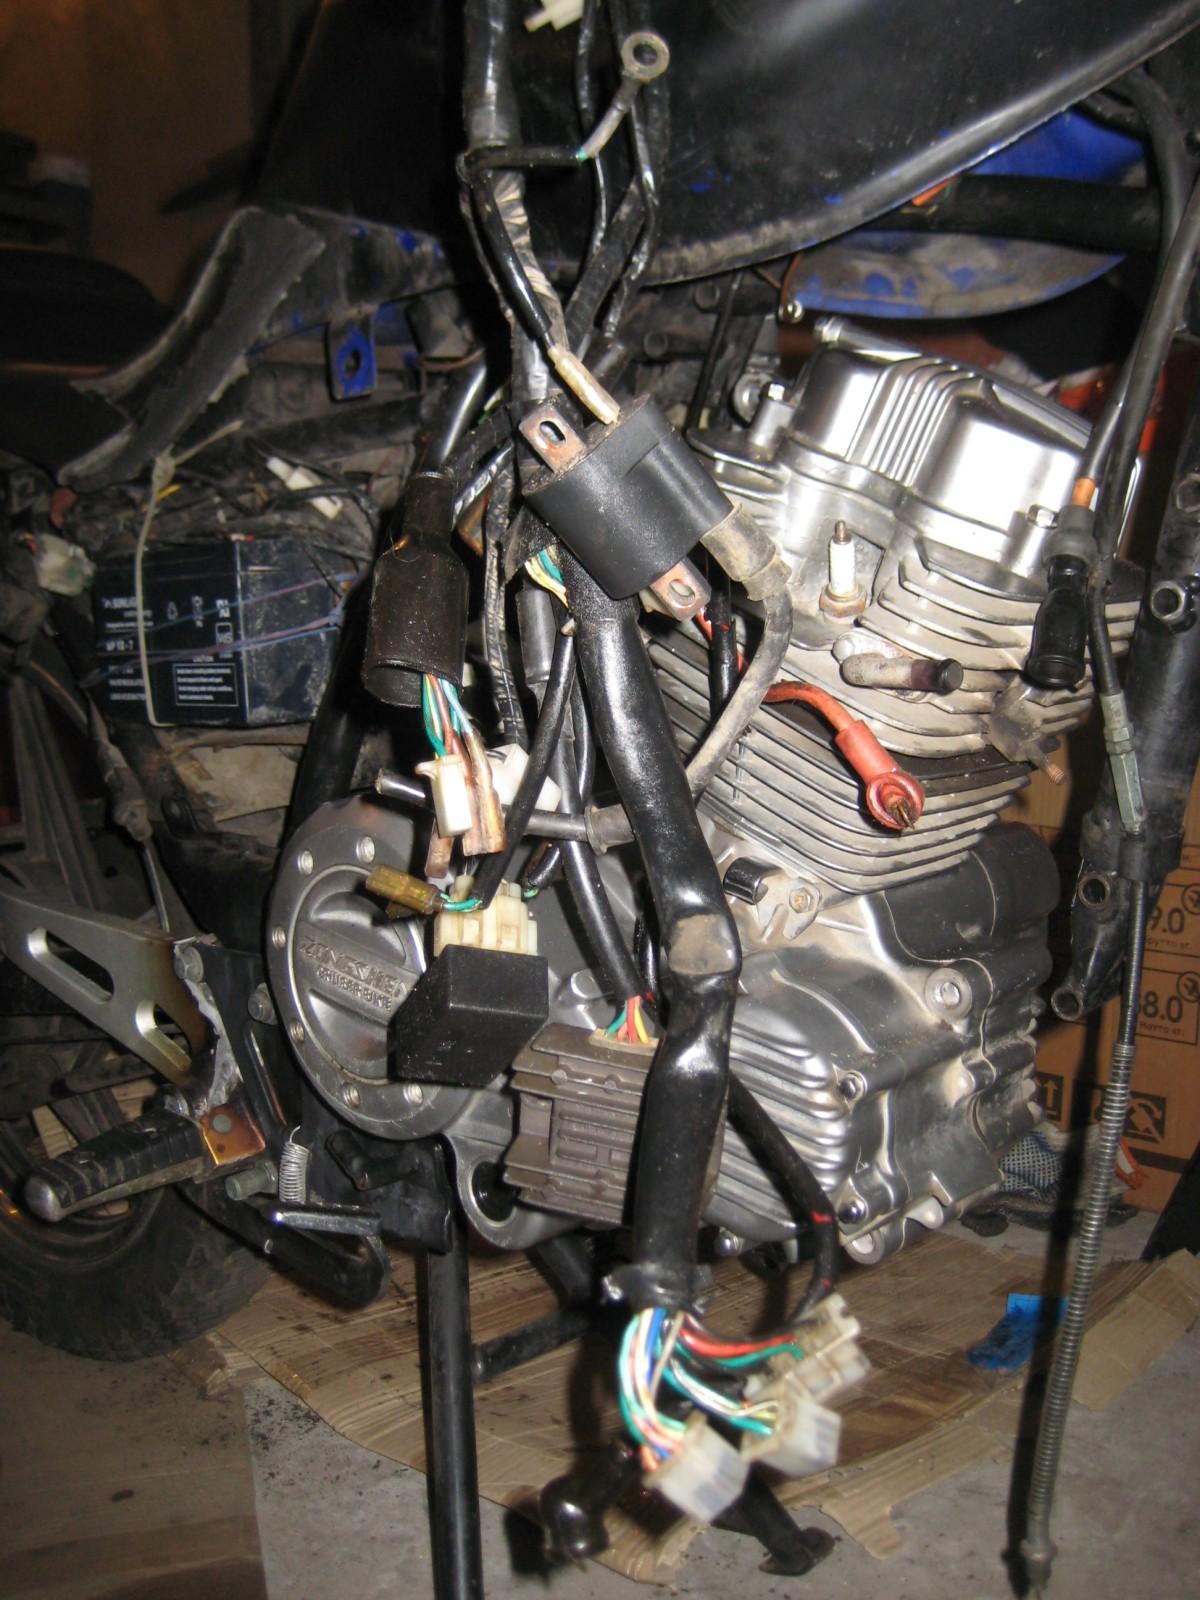 Продам двигатель с мотоцикла Zongshen ZS200GS (ZS167FML) 200куб 2usv2nt